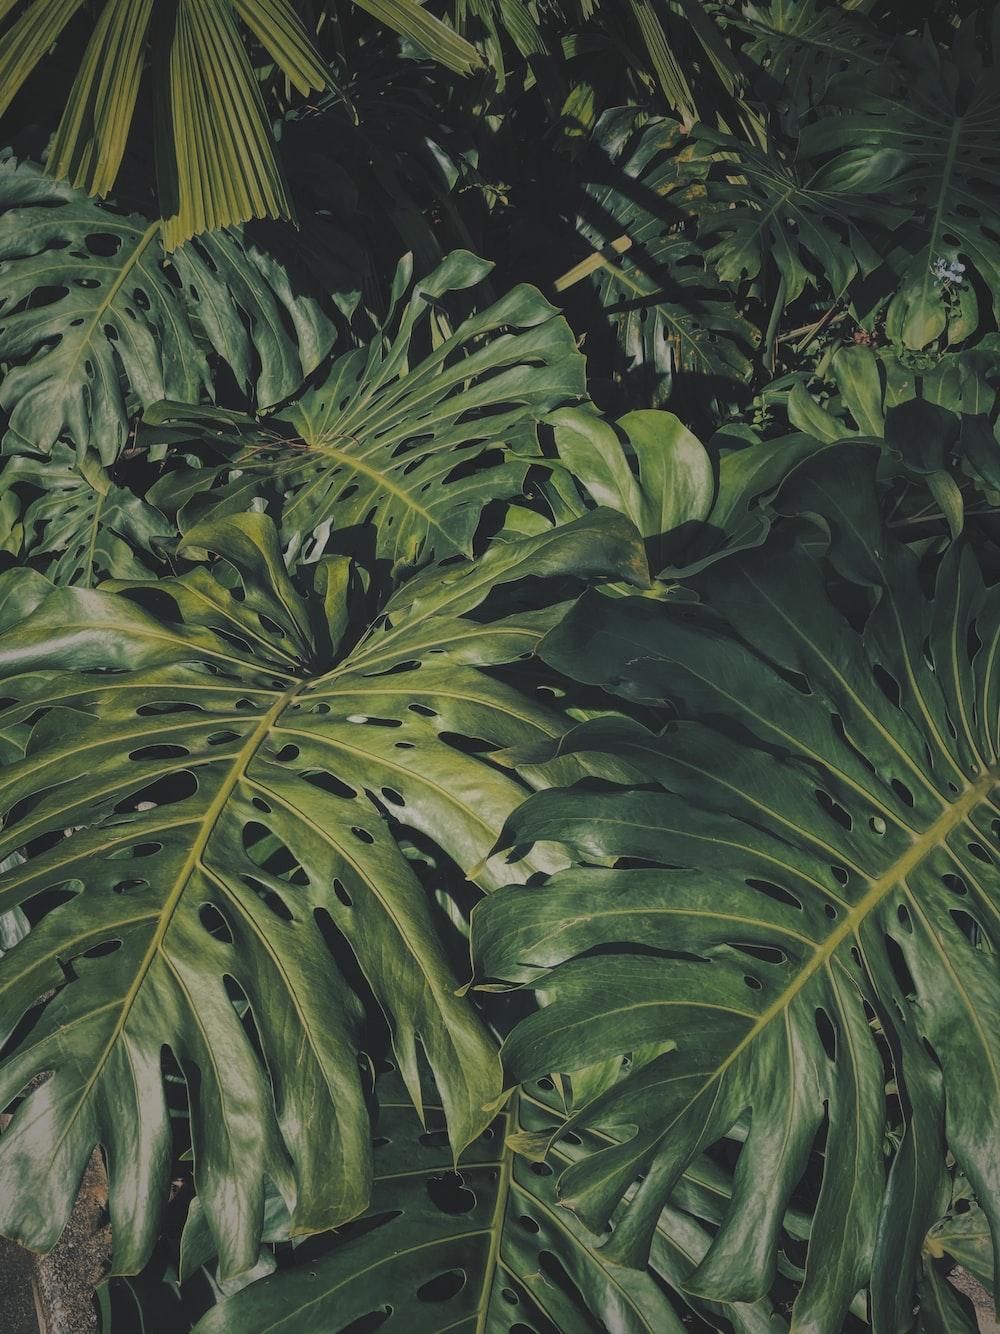 green banana tree during daytime